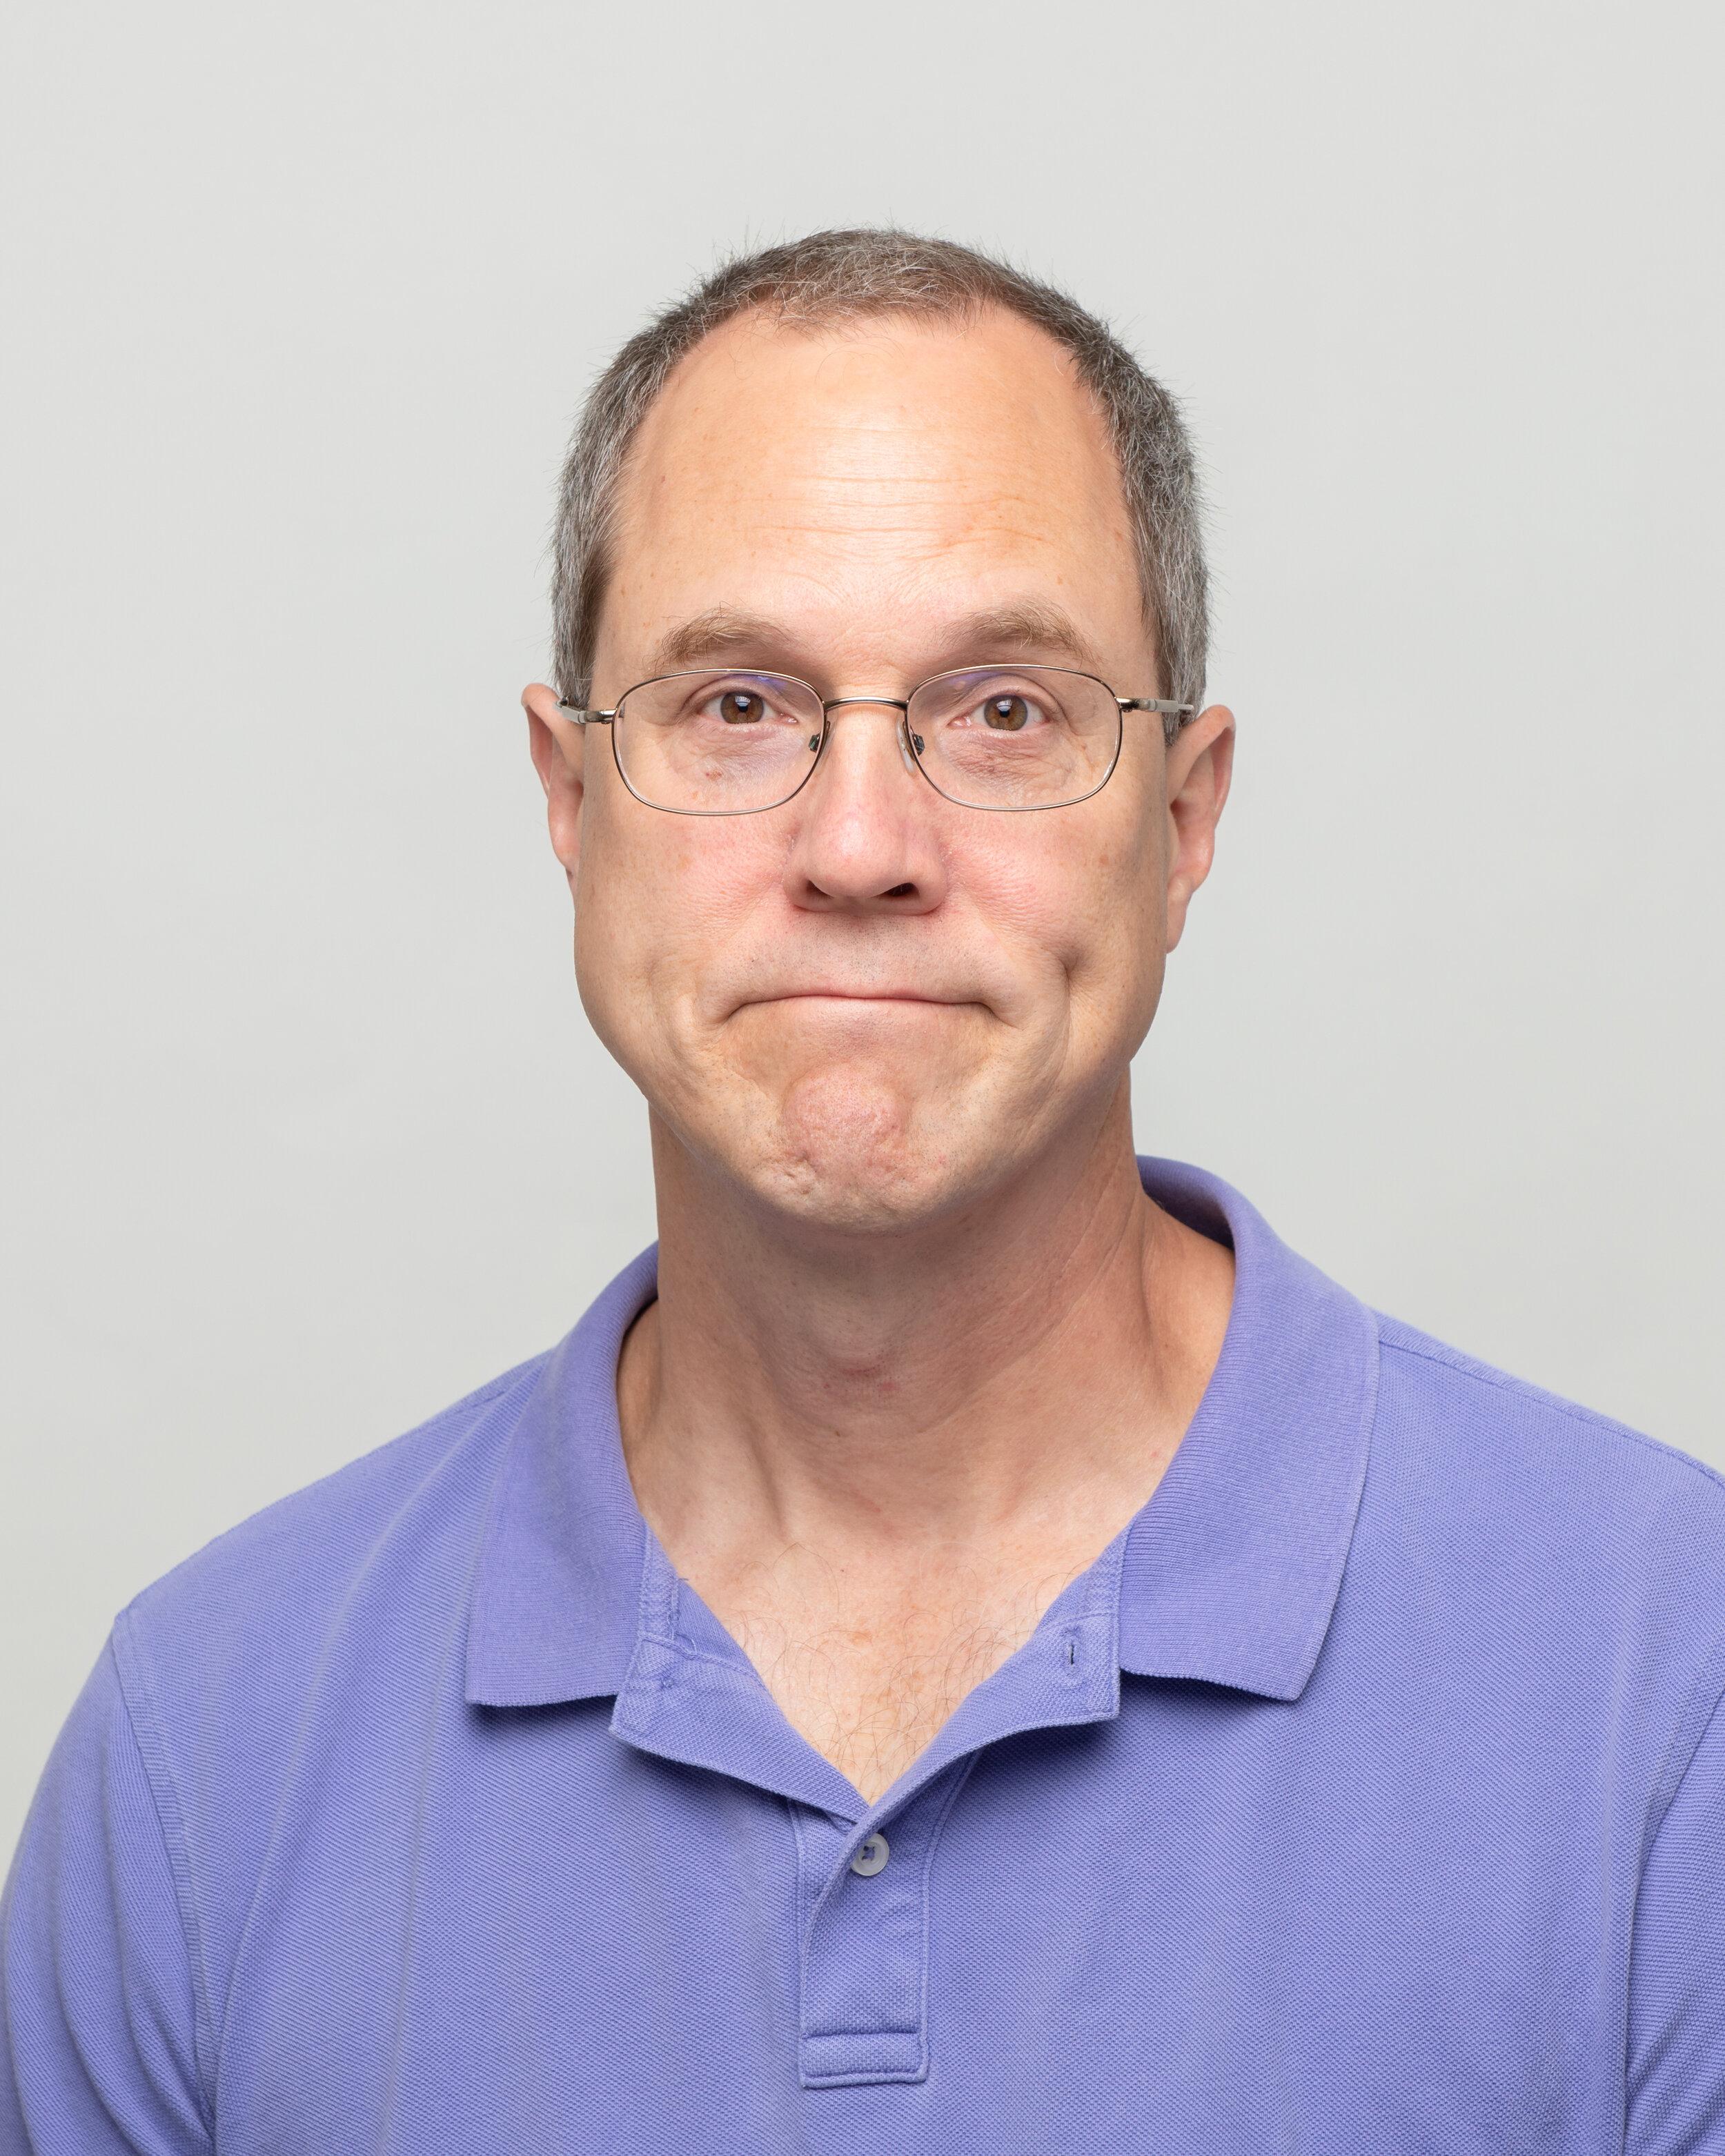 Dr. Joe Hoffert